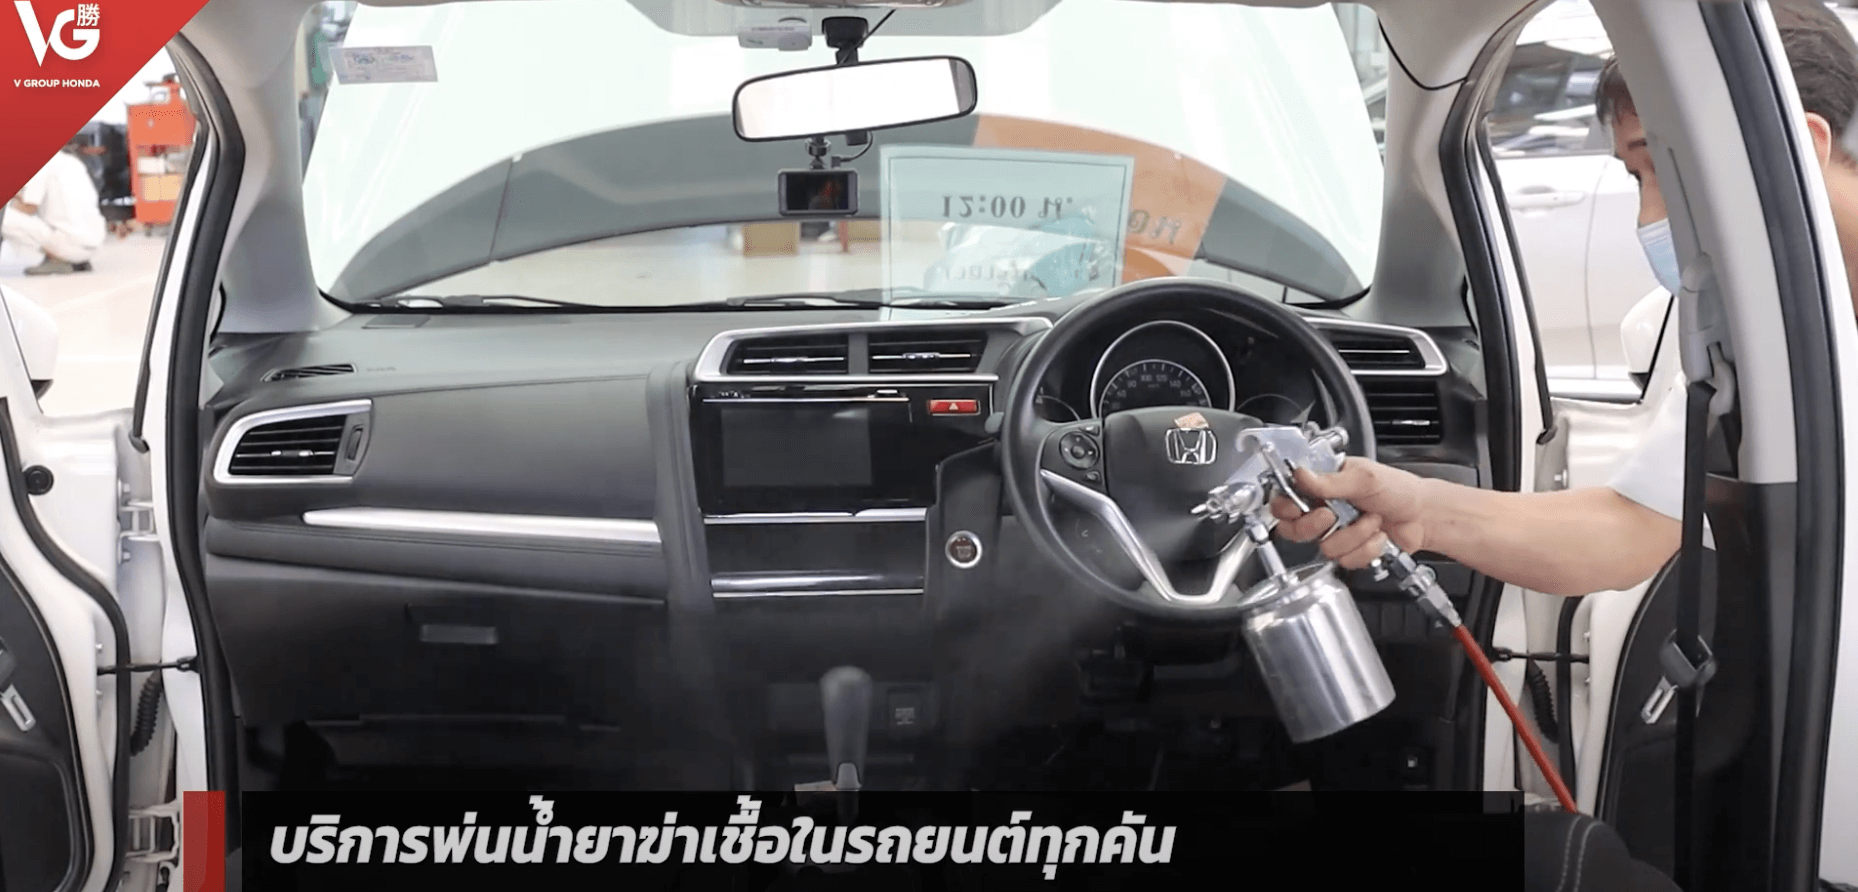 รับบริการกับ V Group Honda ช่วยให้รถของคุณปลอดภัยมากขึ้น